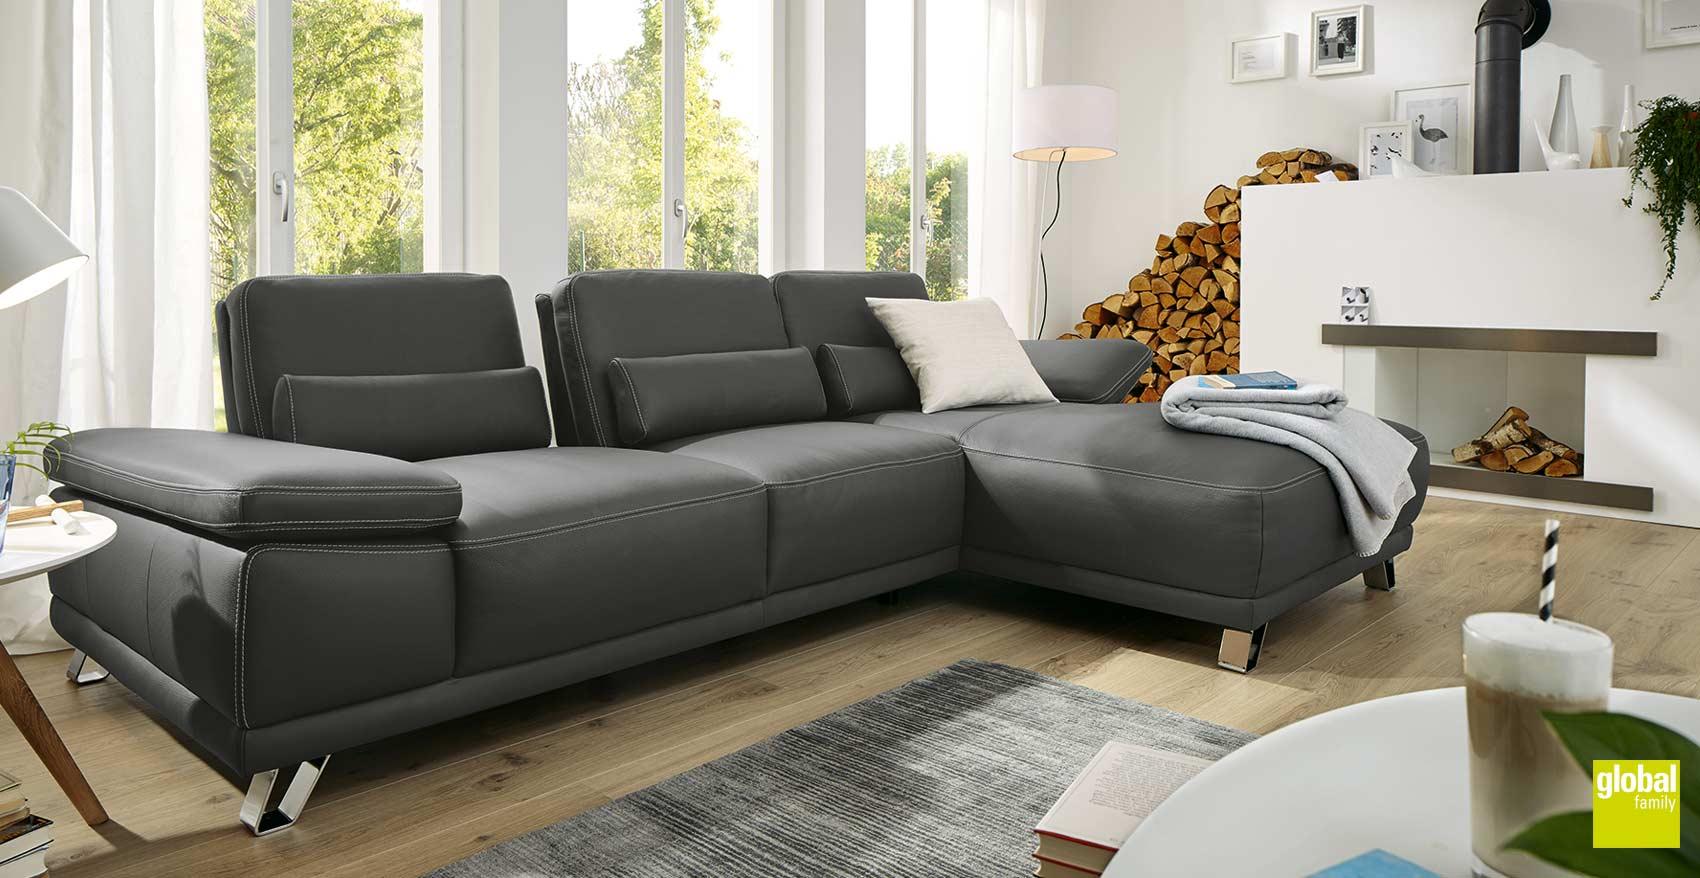 sofa polster free outdoor lounge sofa mit tisch hocker und polster faro grau bilder of outdoor. Black Bedroom Furniture Sets. Home Design Ideas